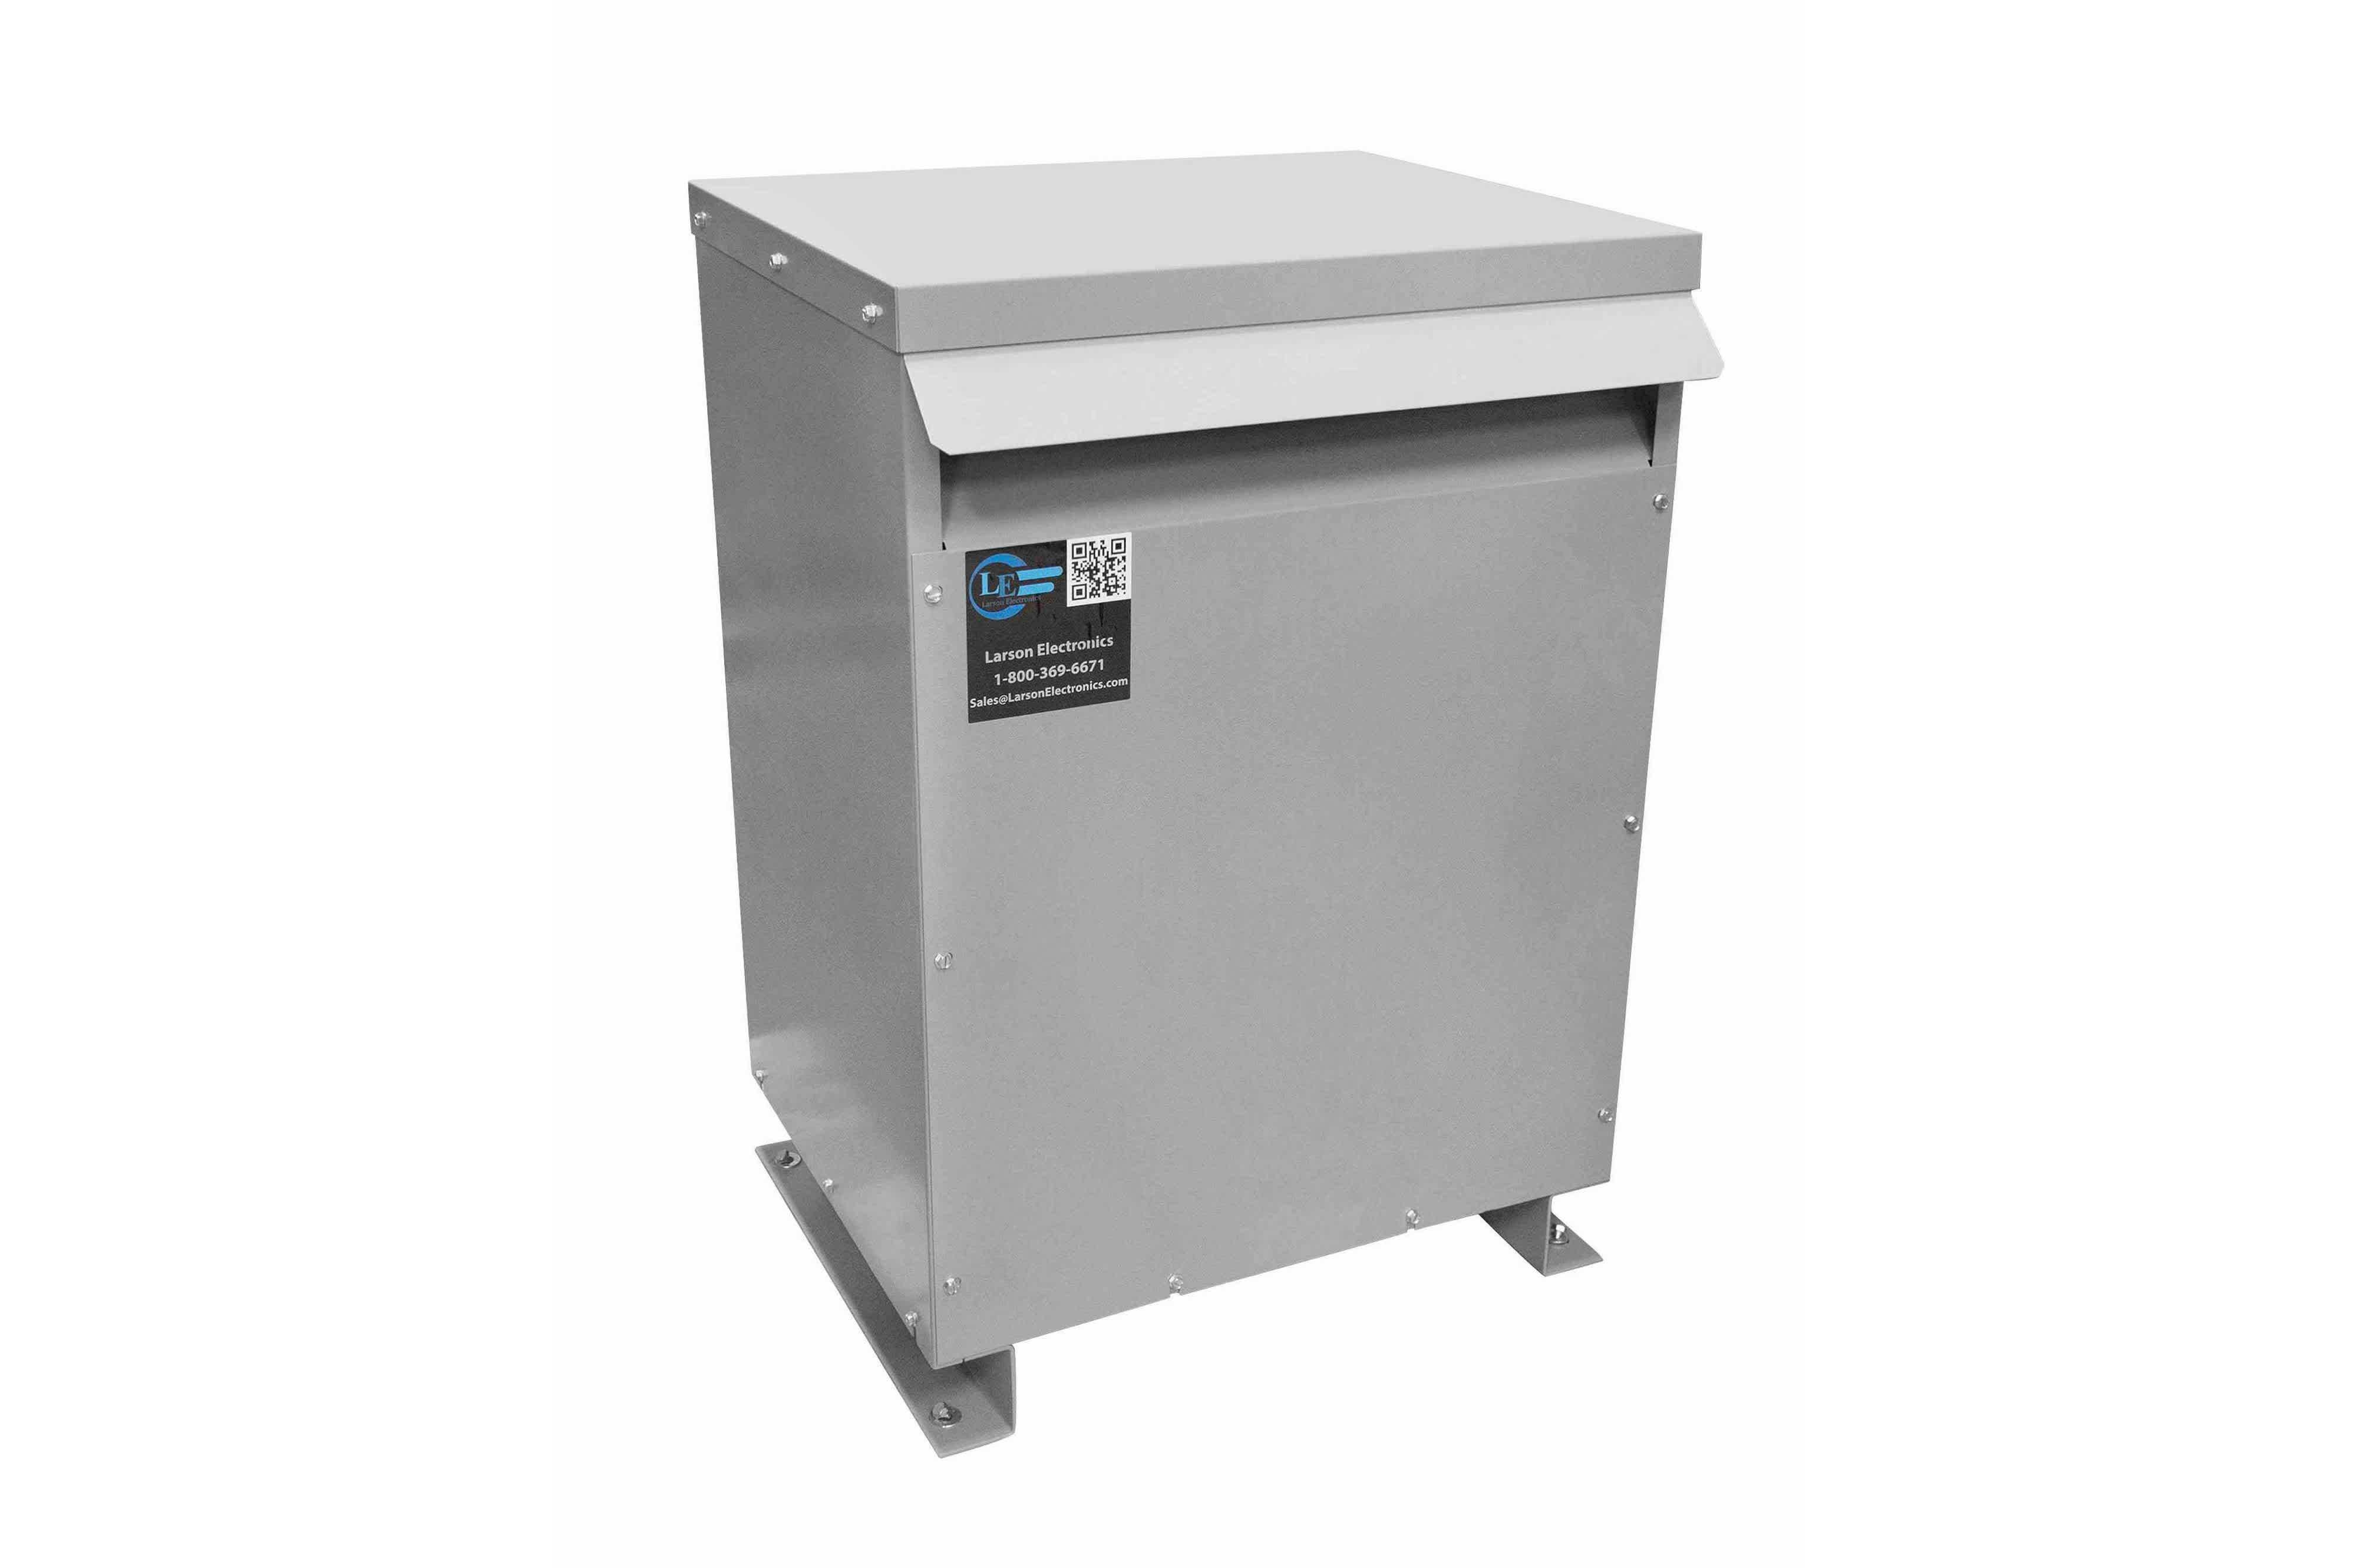 36 kVA 3PH Isolation Transformer, 240V Delta Primary, 600V Delta Secondary, N3R, Ventilated, 60 Hz